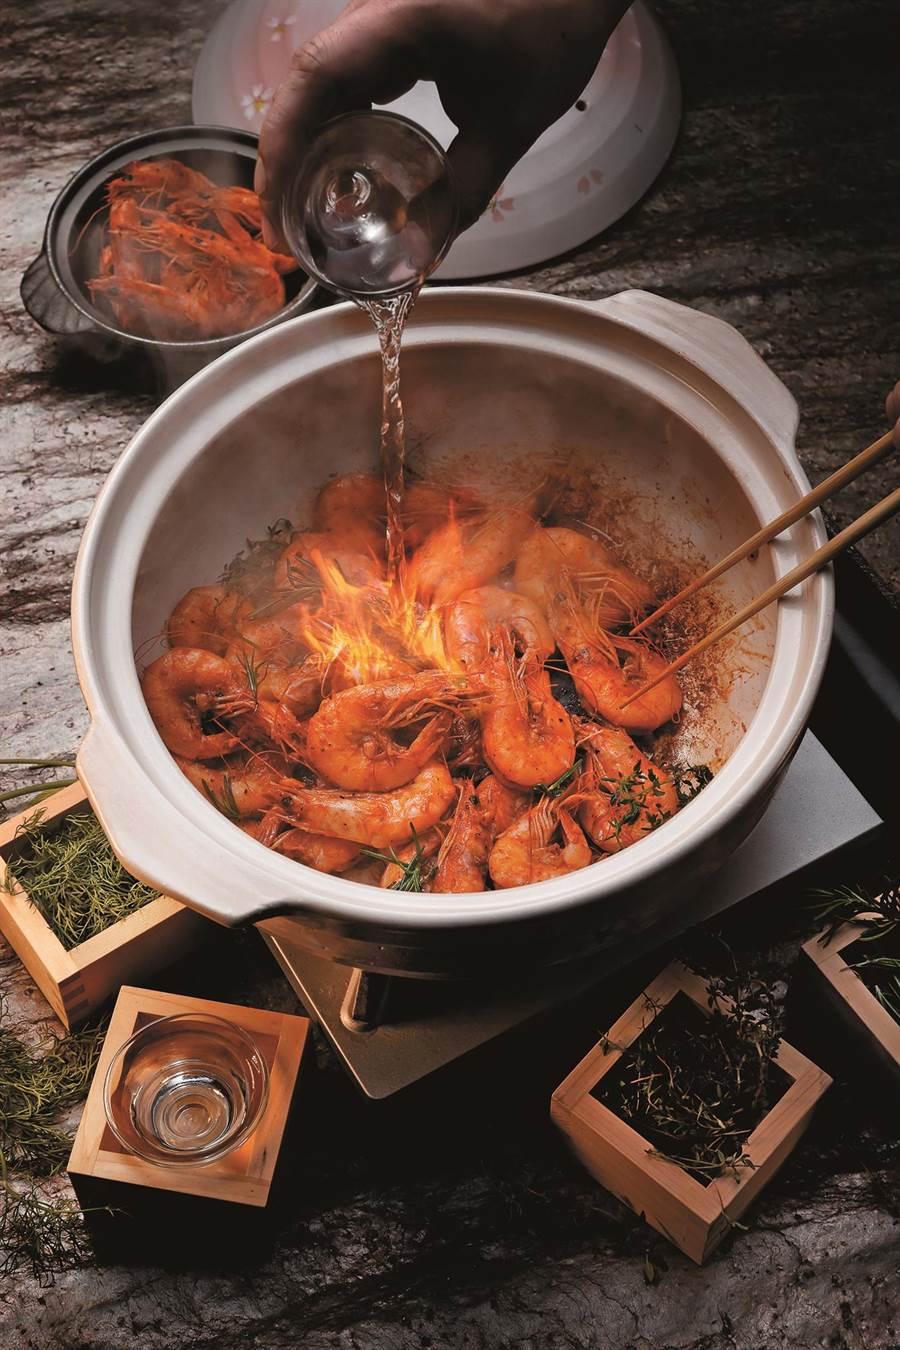 展演料理「埋火鮮蝦豐饒香草」由專人現場示範講解,令饕客大飽眼福。(圖片提供/欣葉日本料理)